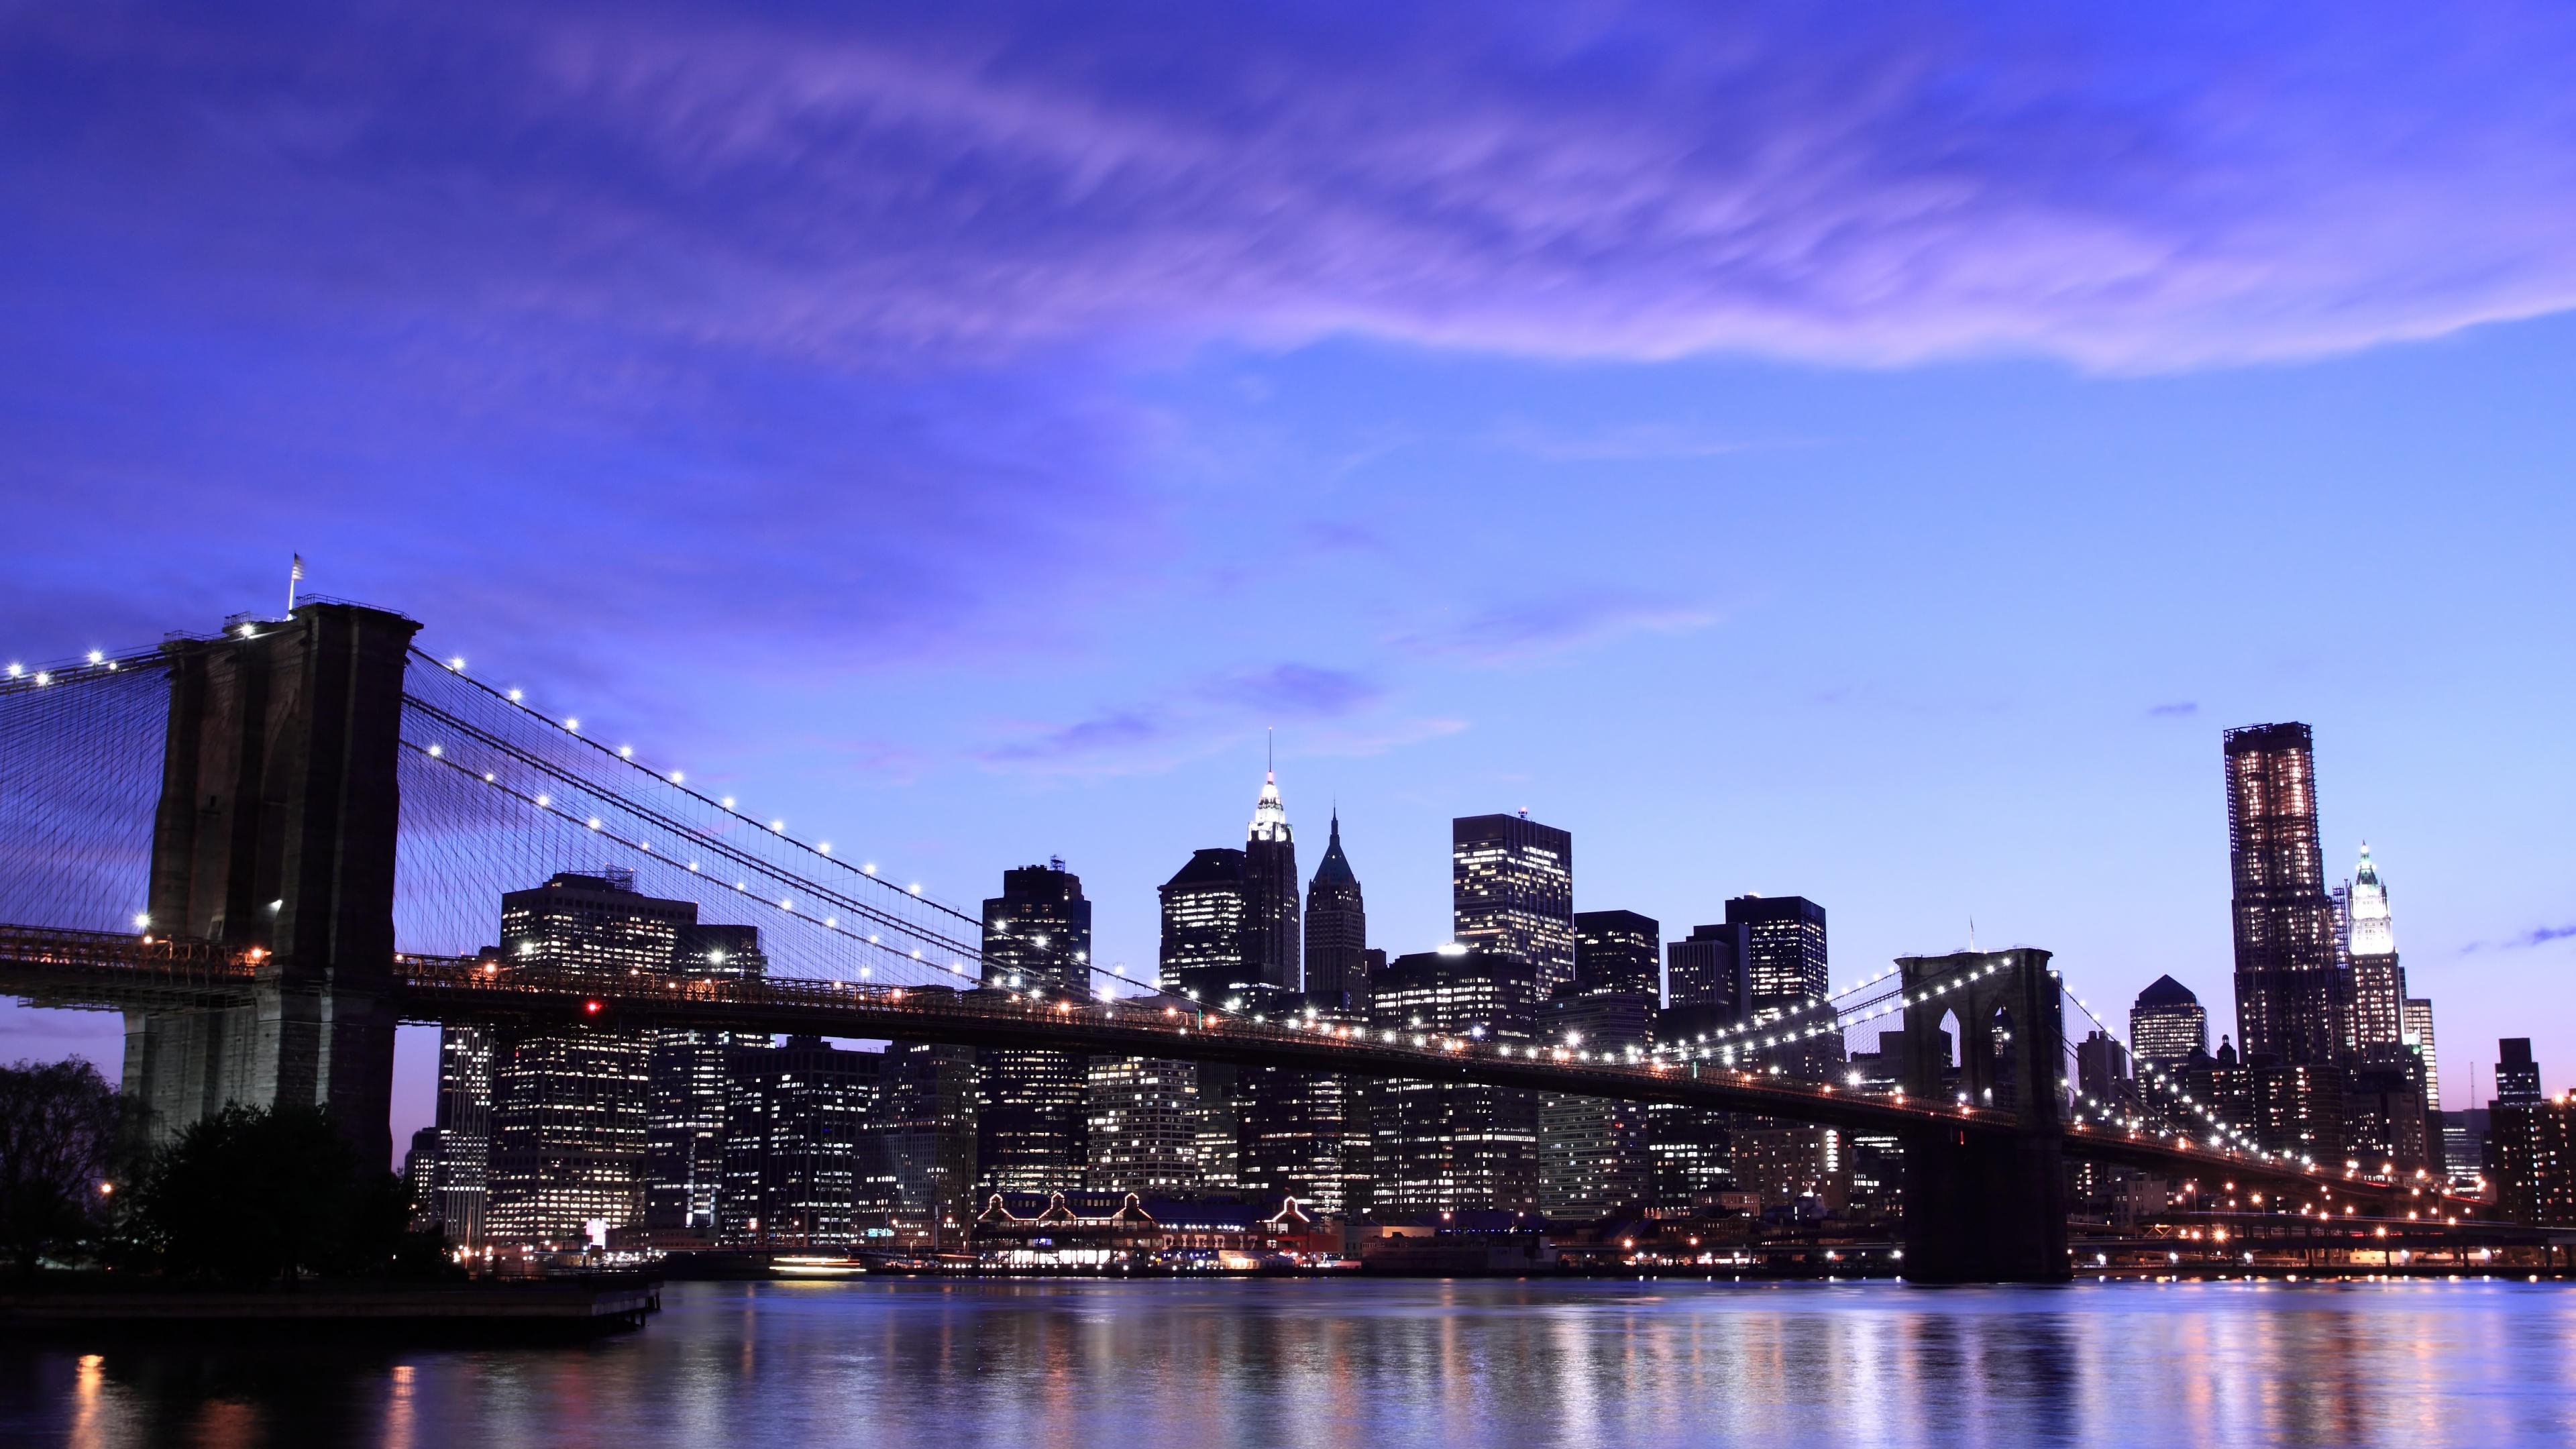 New york city wallpaper 4k wallpapersafari for Immagini desktop new york